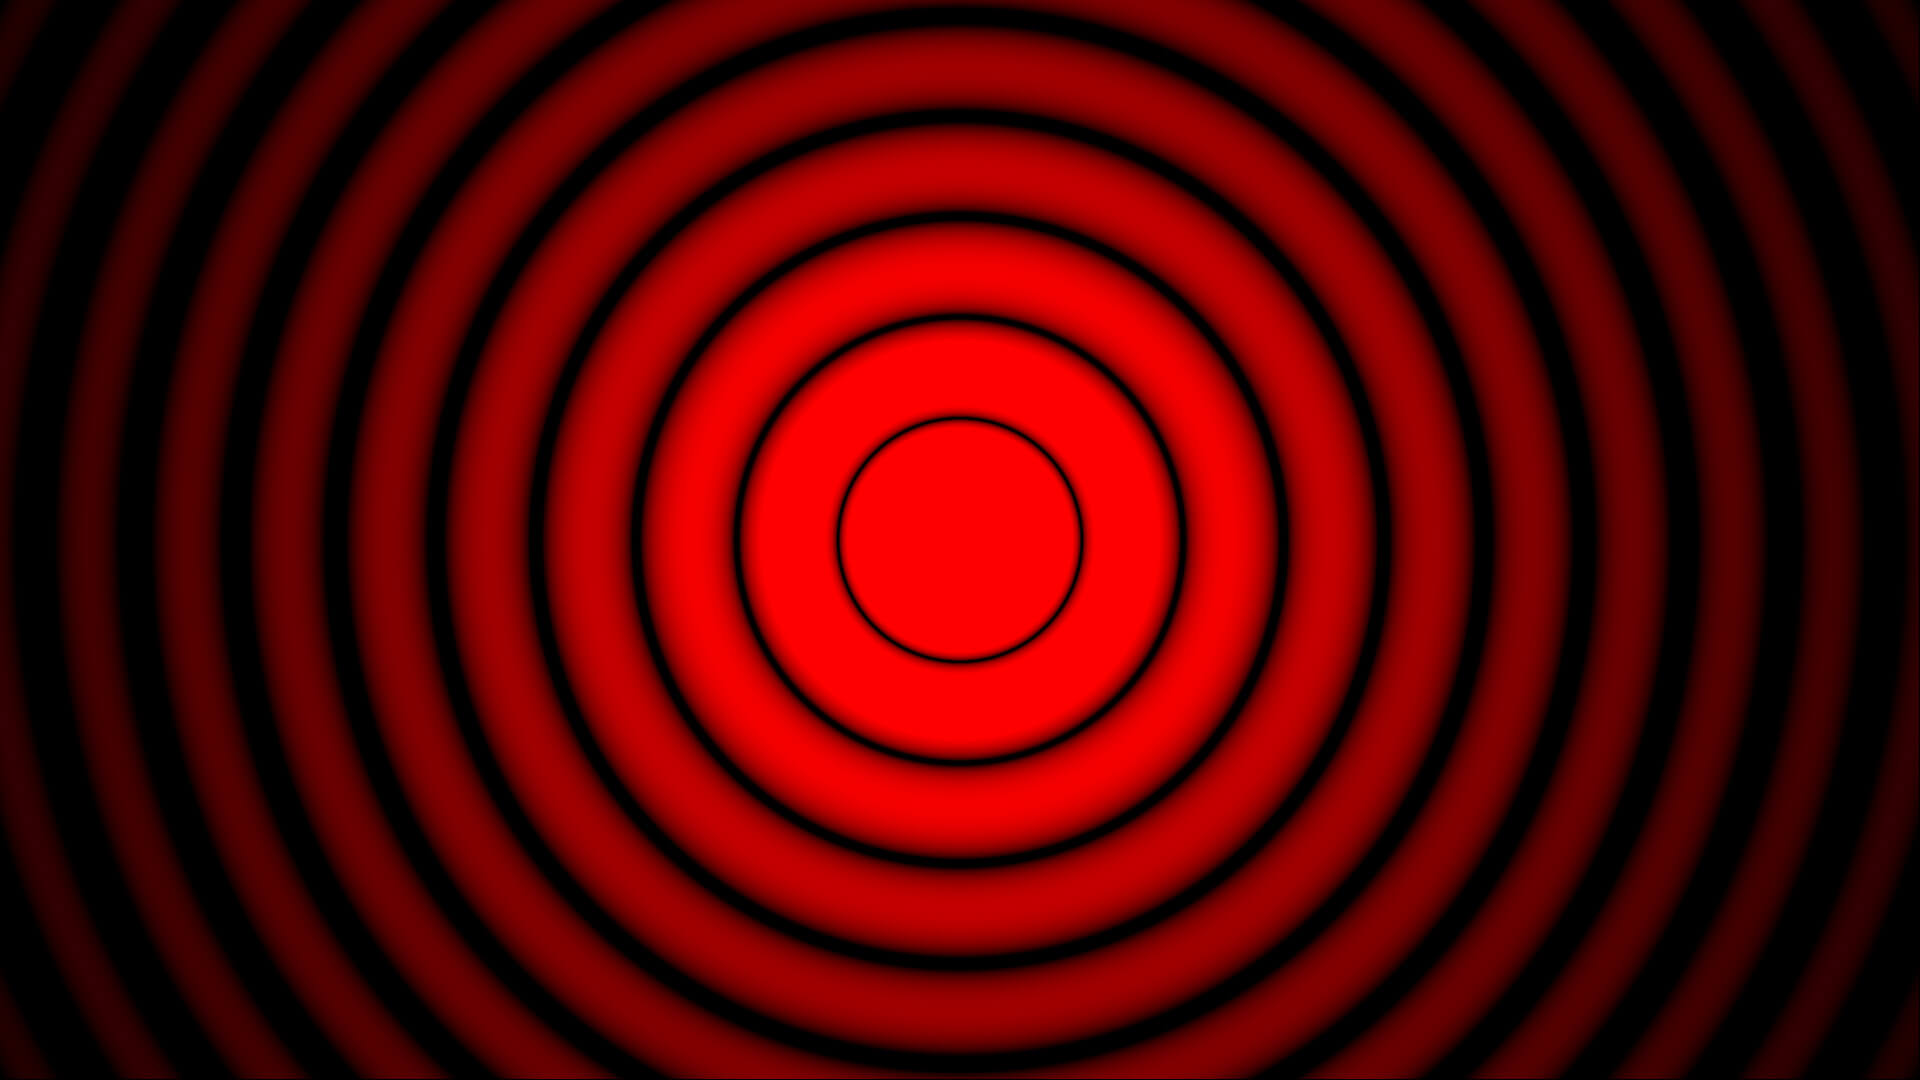 Beugungsbild eines kreisförmigen Spaltes